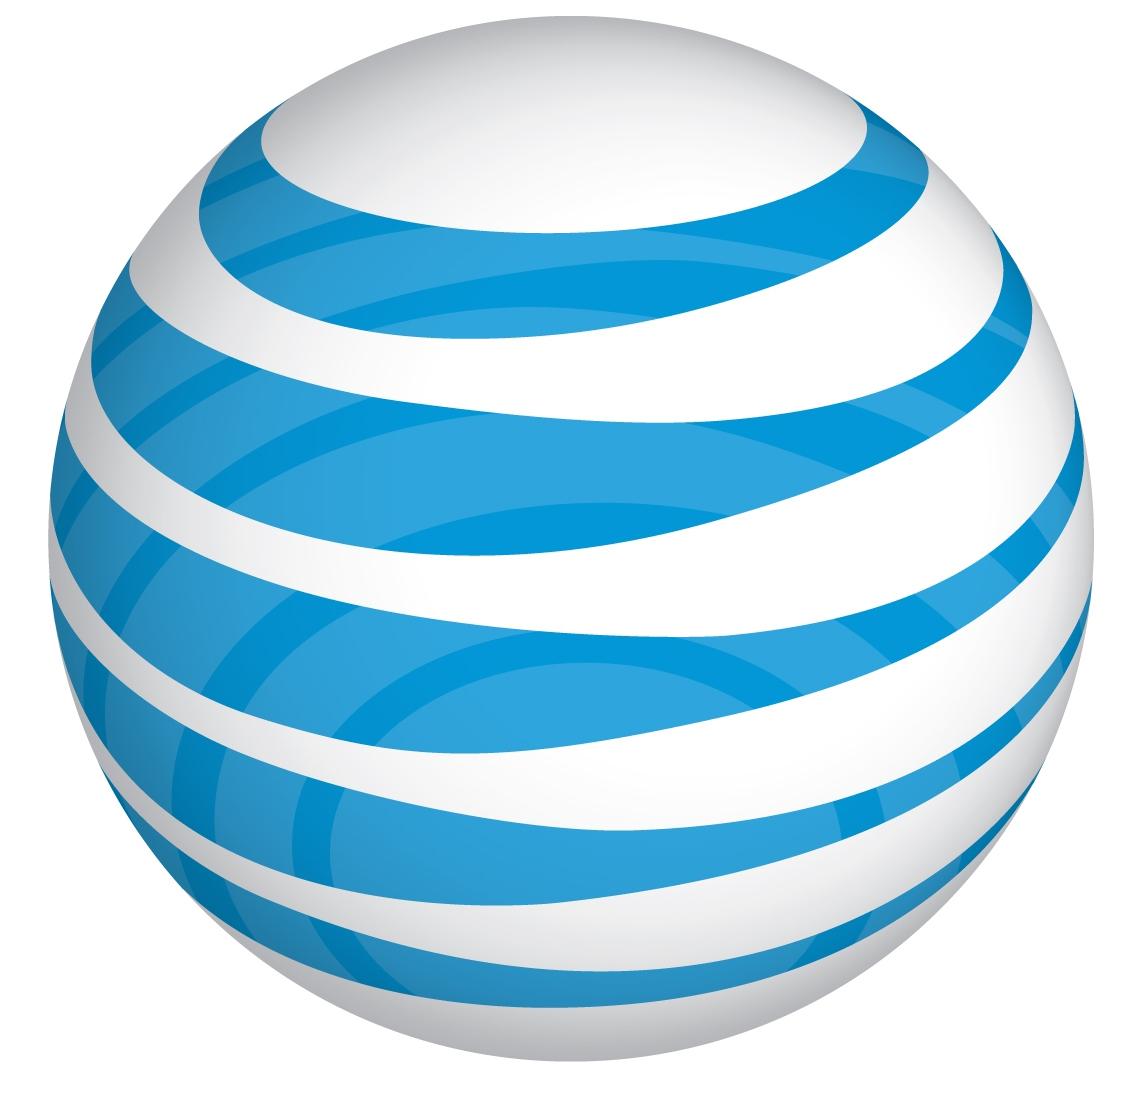 Il 73% dei telefoni attivati nell'ultimo trimestre da AT&T sono iPhone